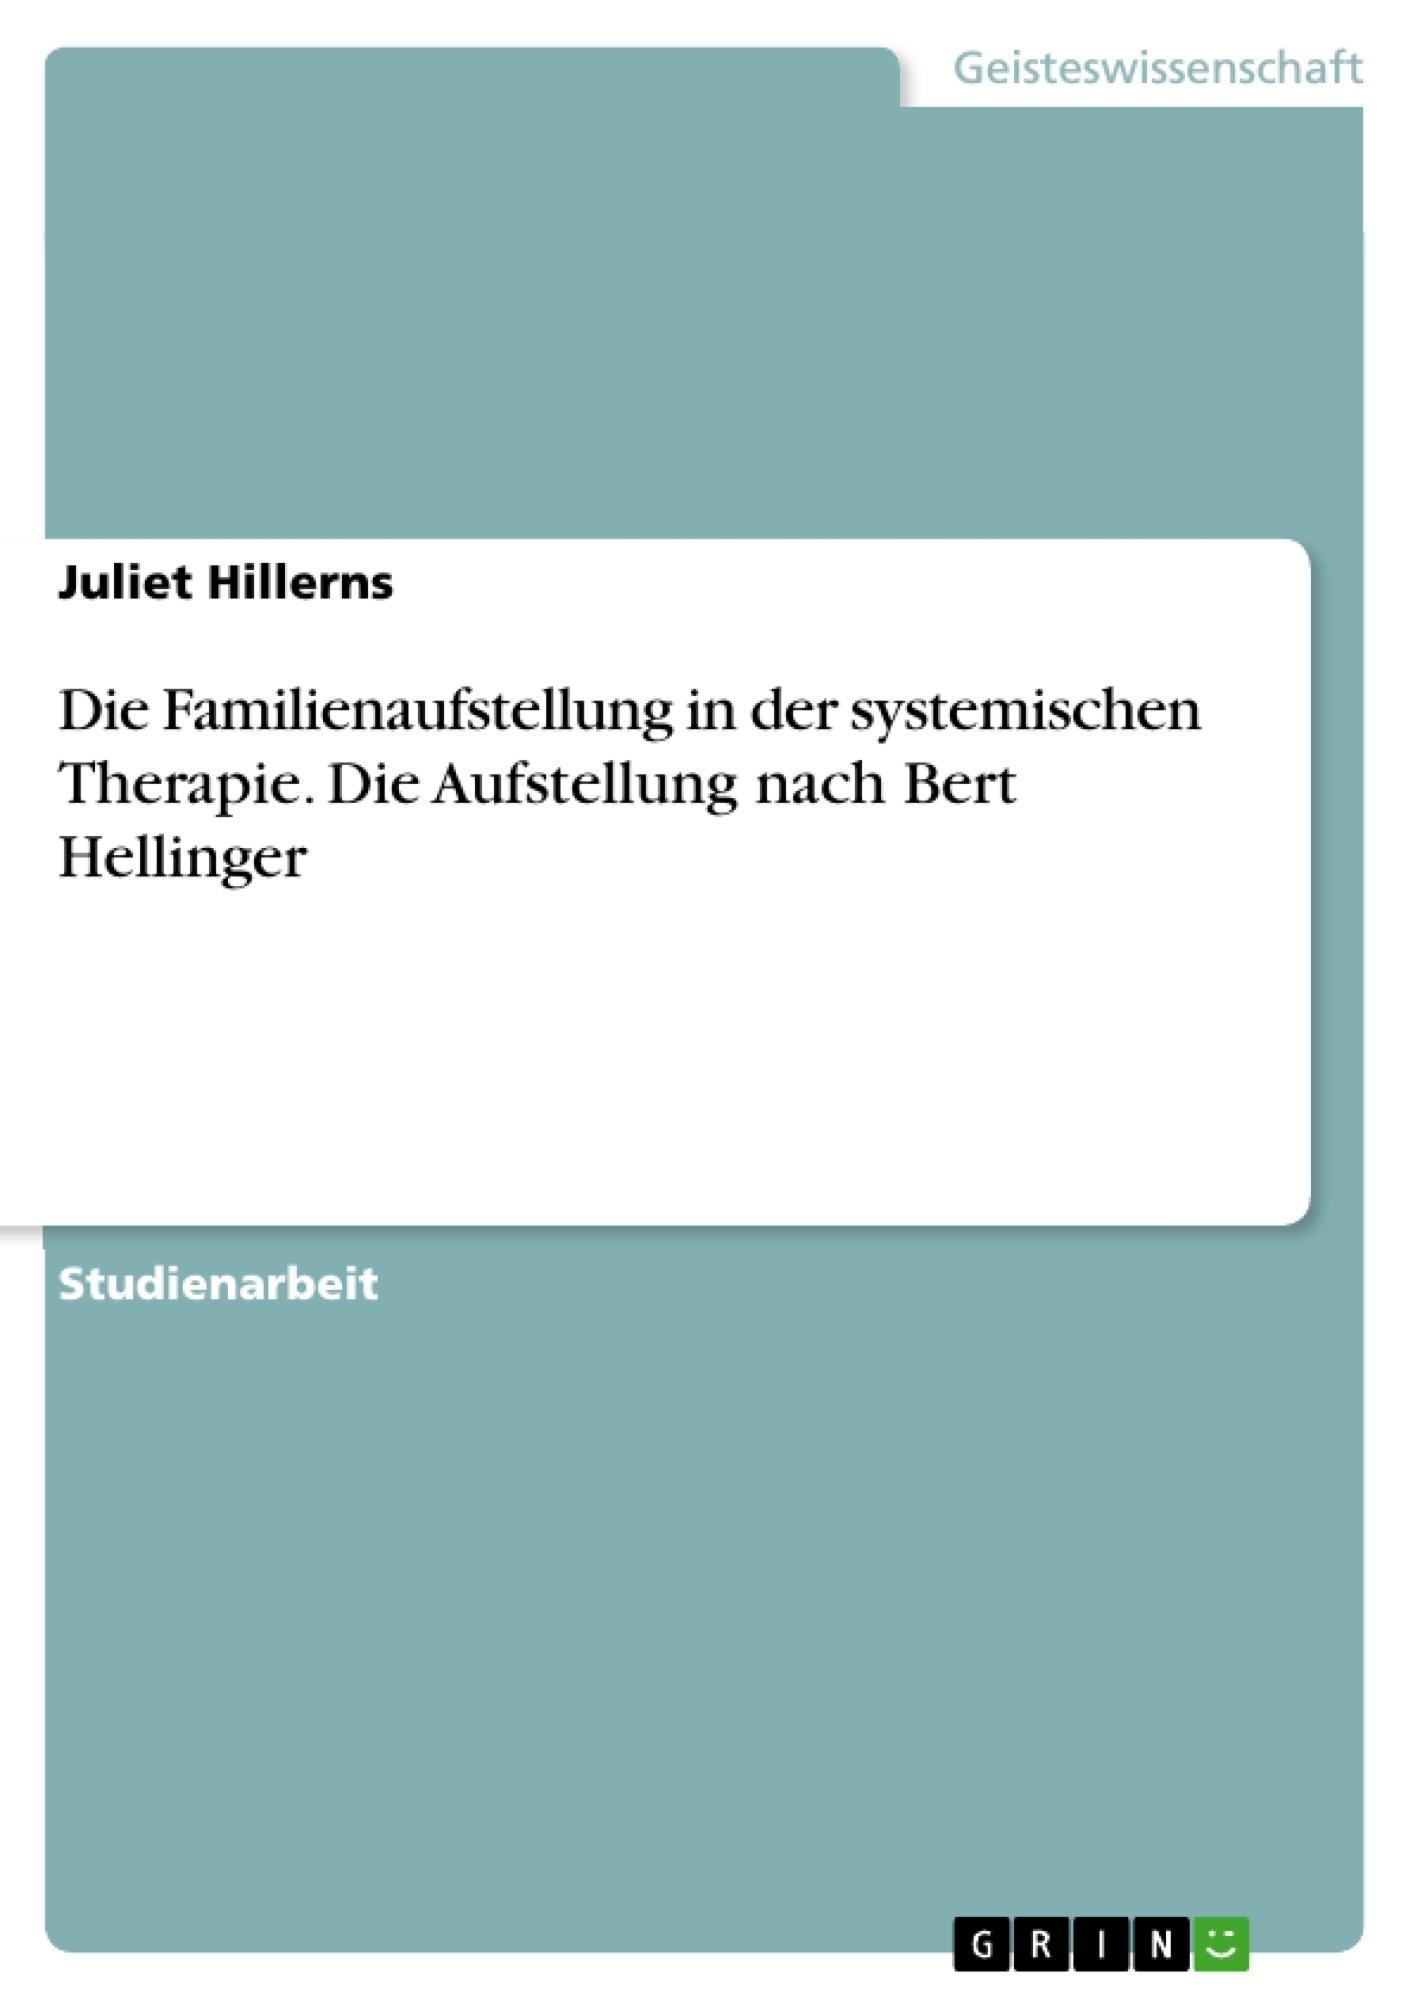 Titel: Die Familienaufstellung in der systemischen Therapie. Die Aufstellung nach Bert Hellinger